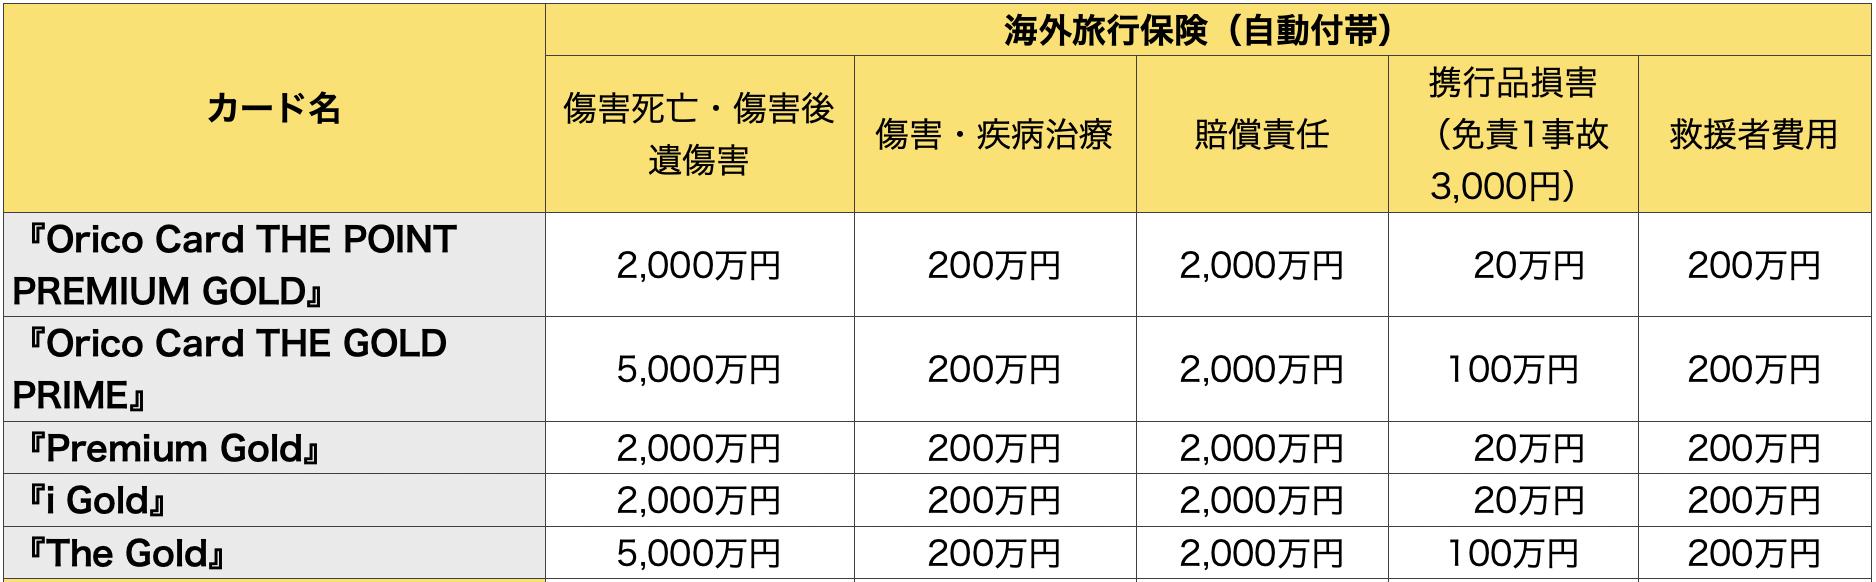 オリコゴールドカード海外旅行保険の比較